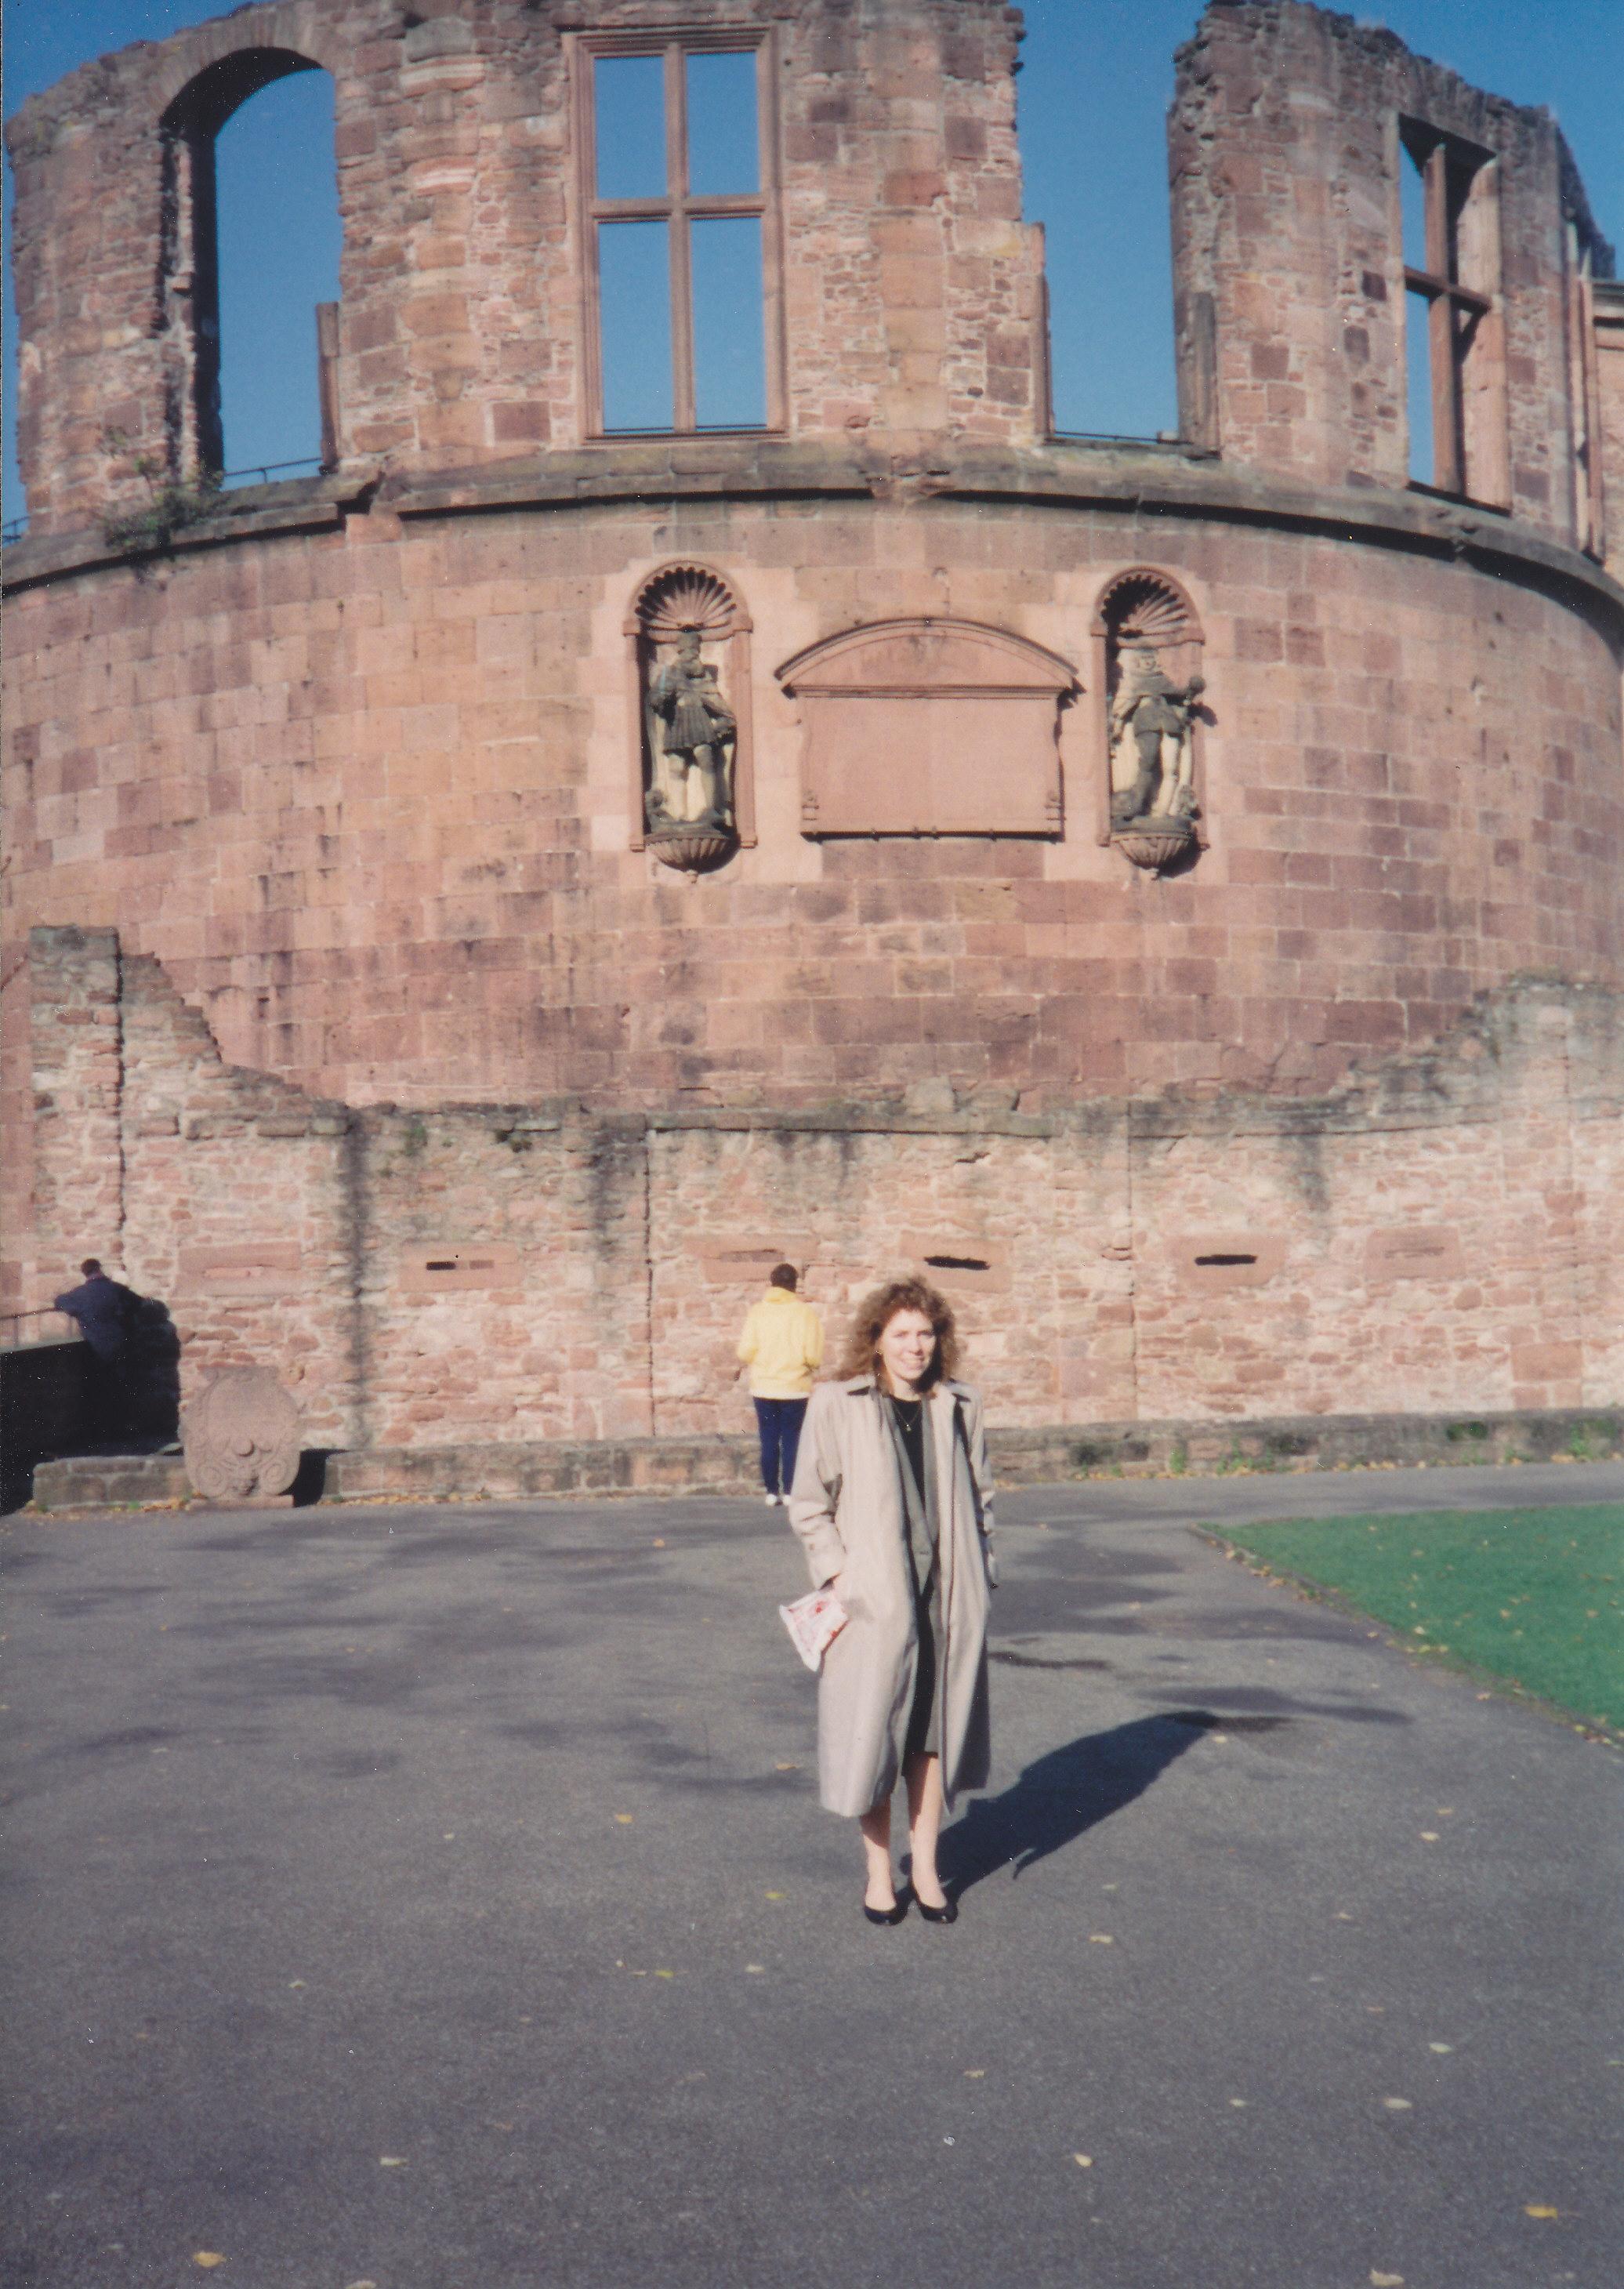 1993_November_Heidelberg Castle_near brautwurst soup.jpg